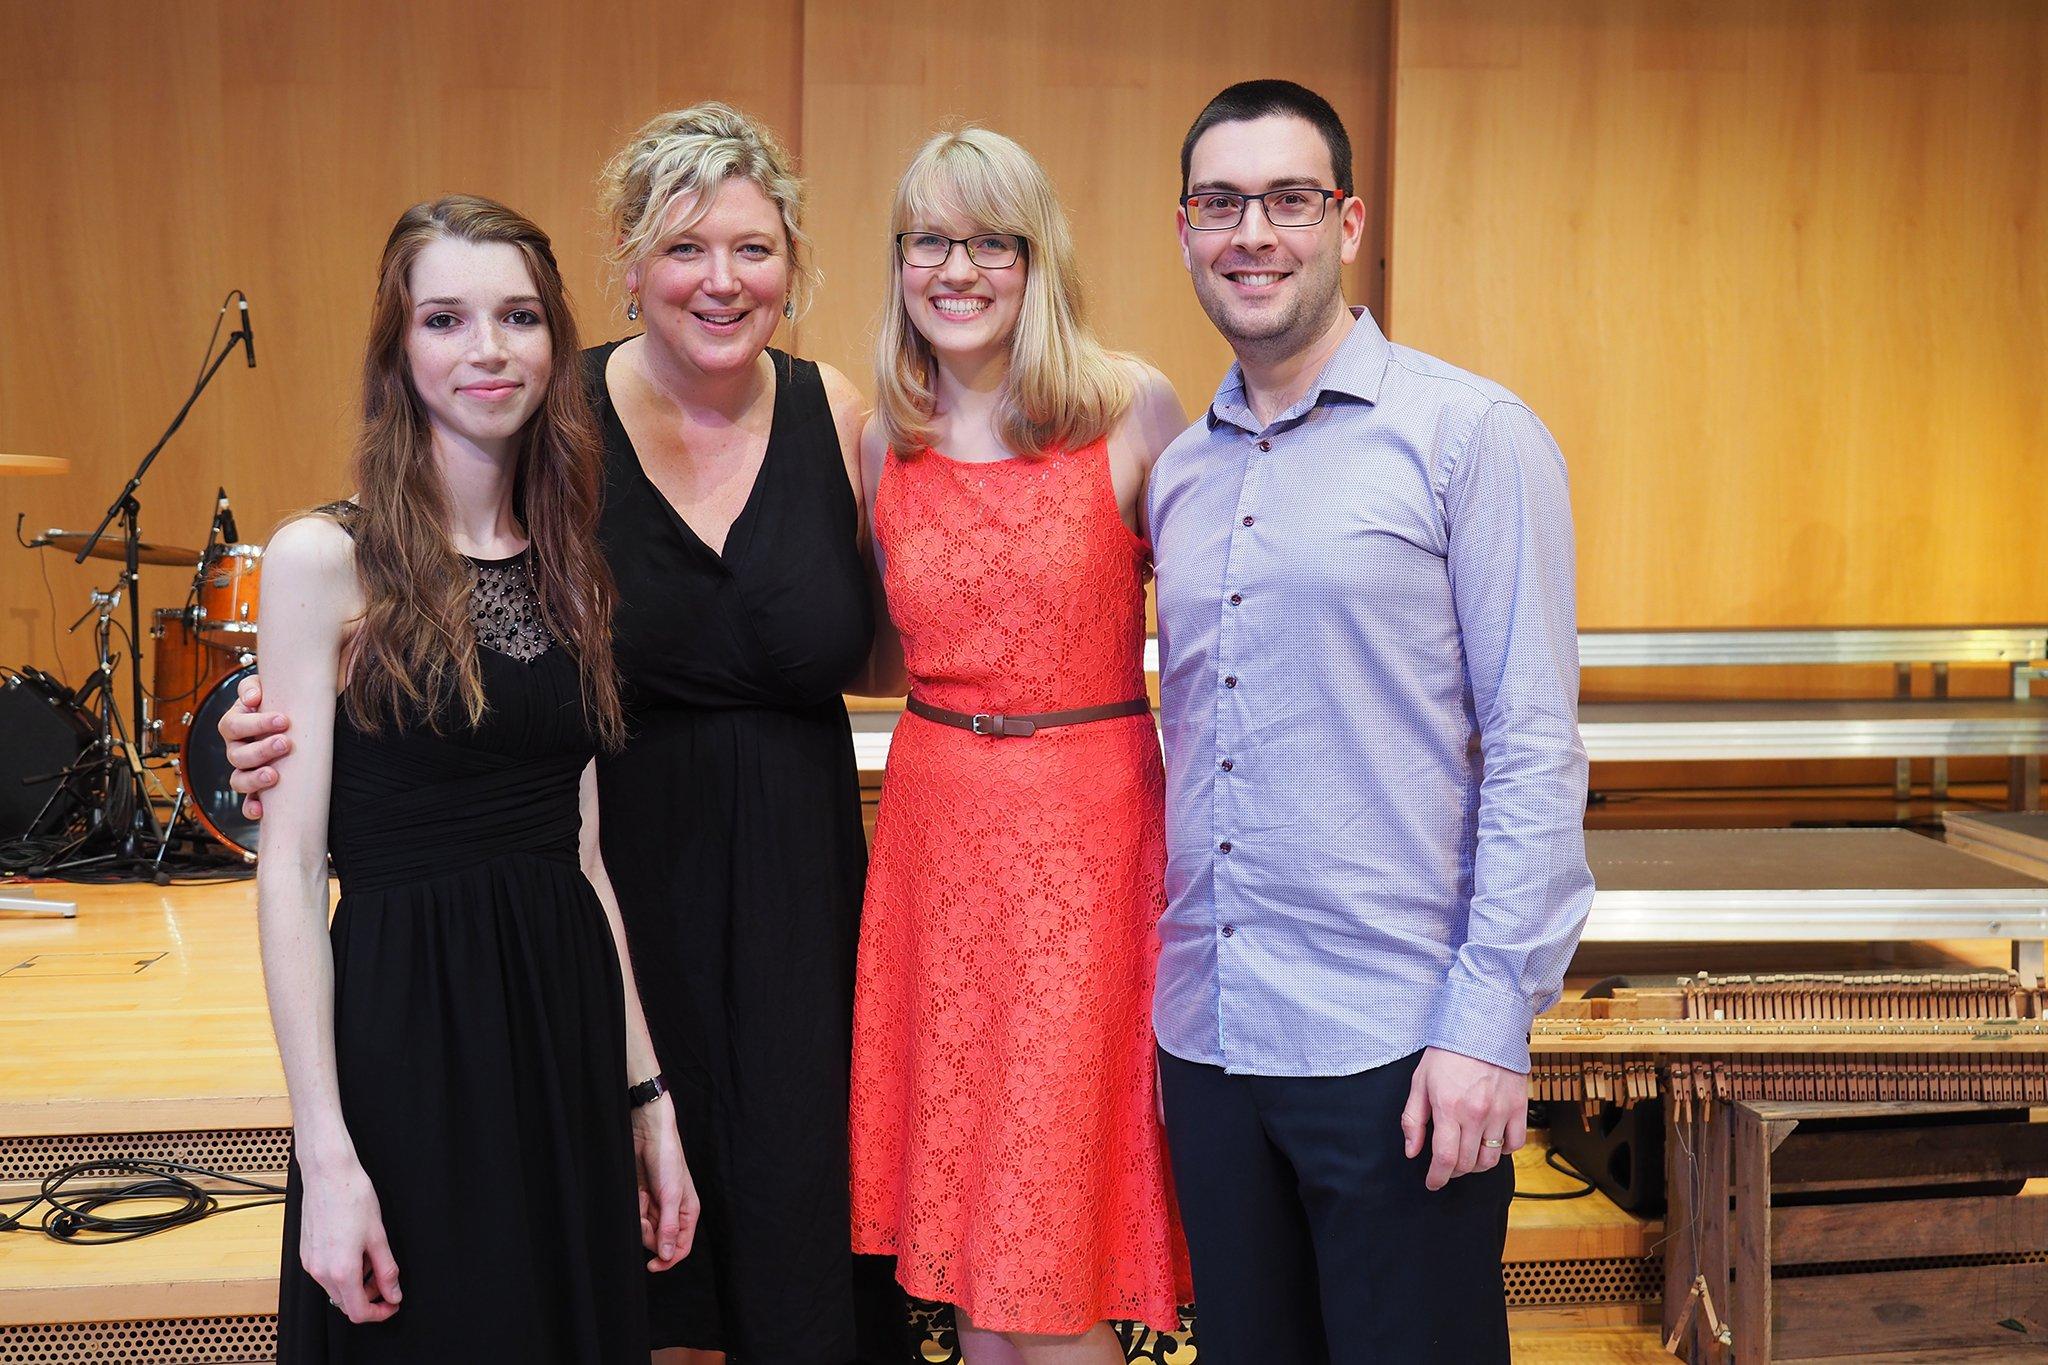 Studiengangsleiterin Susanne Hagen (Zweite von links) mit den ersten drei Absolventinnen und Absolventen des Bachelorstudiengangs Theologie & Musik